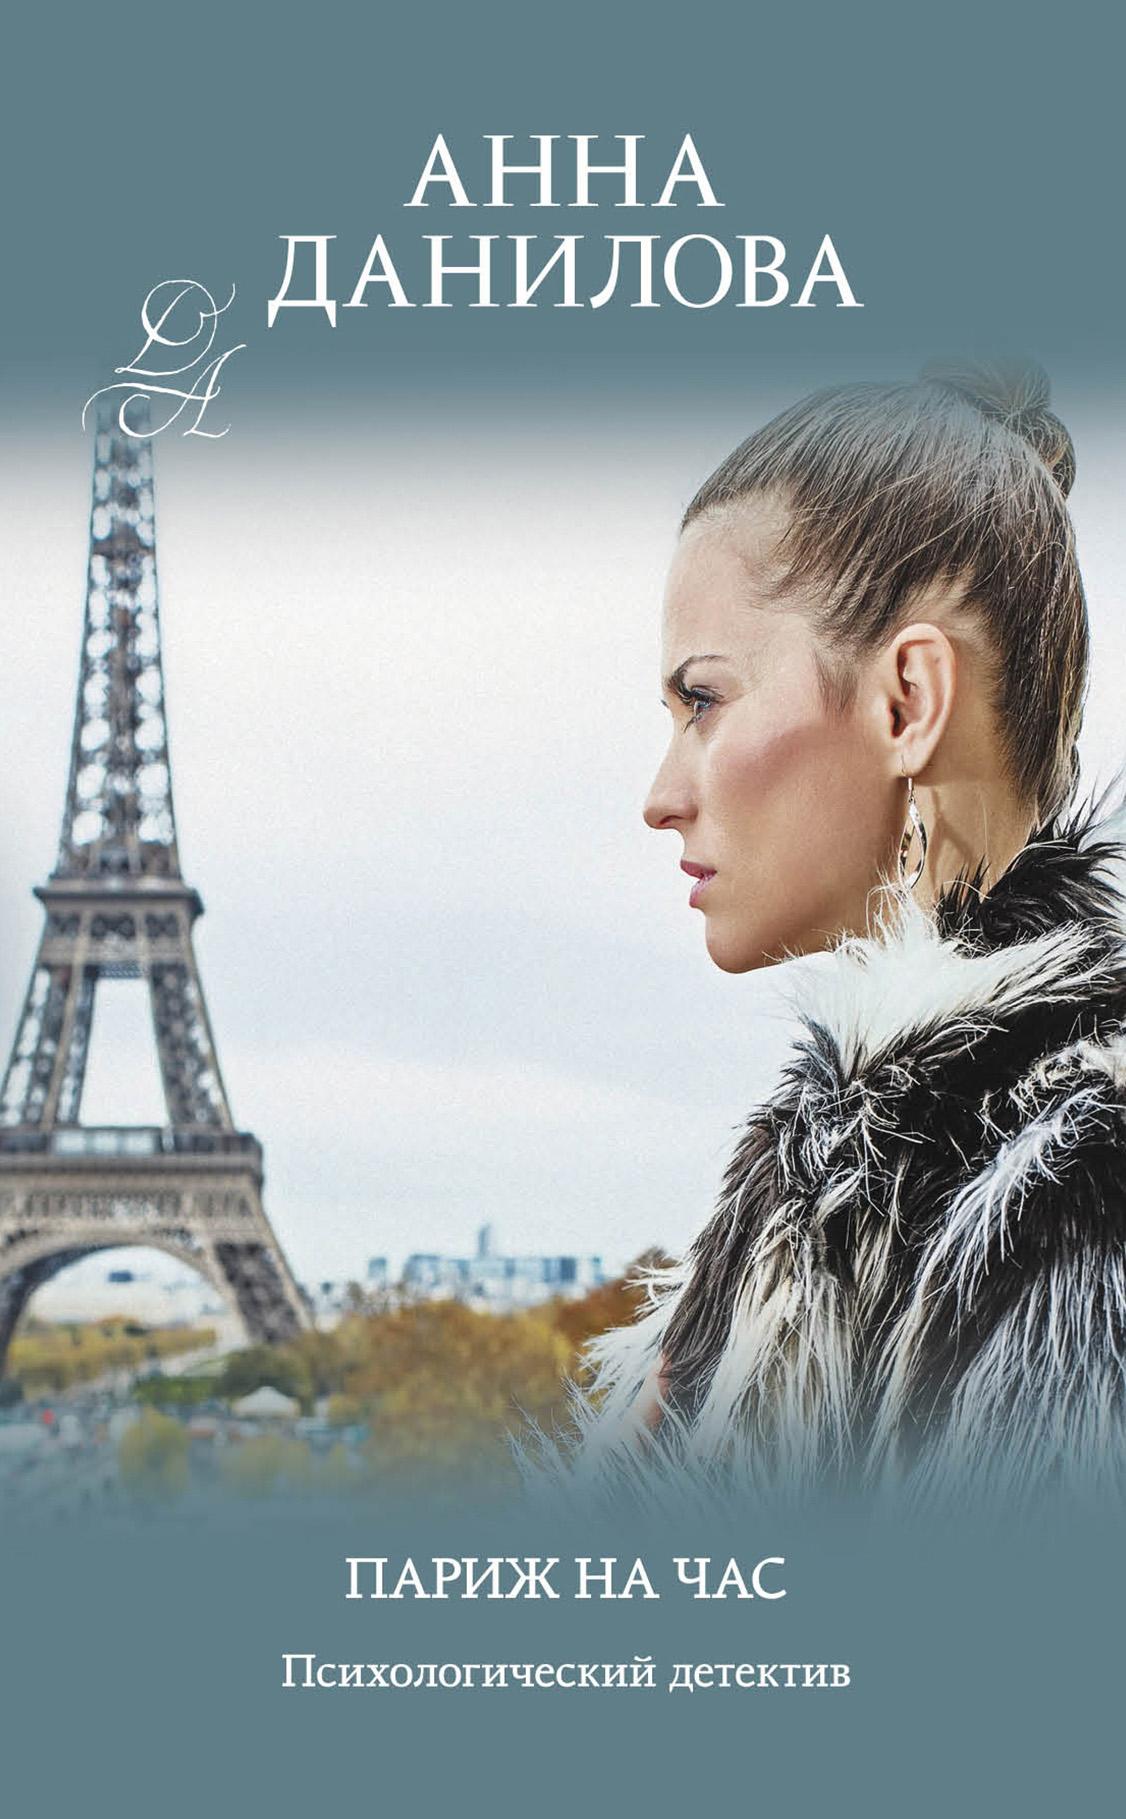 Париж на час